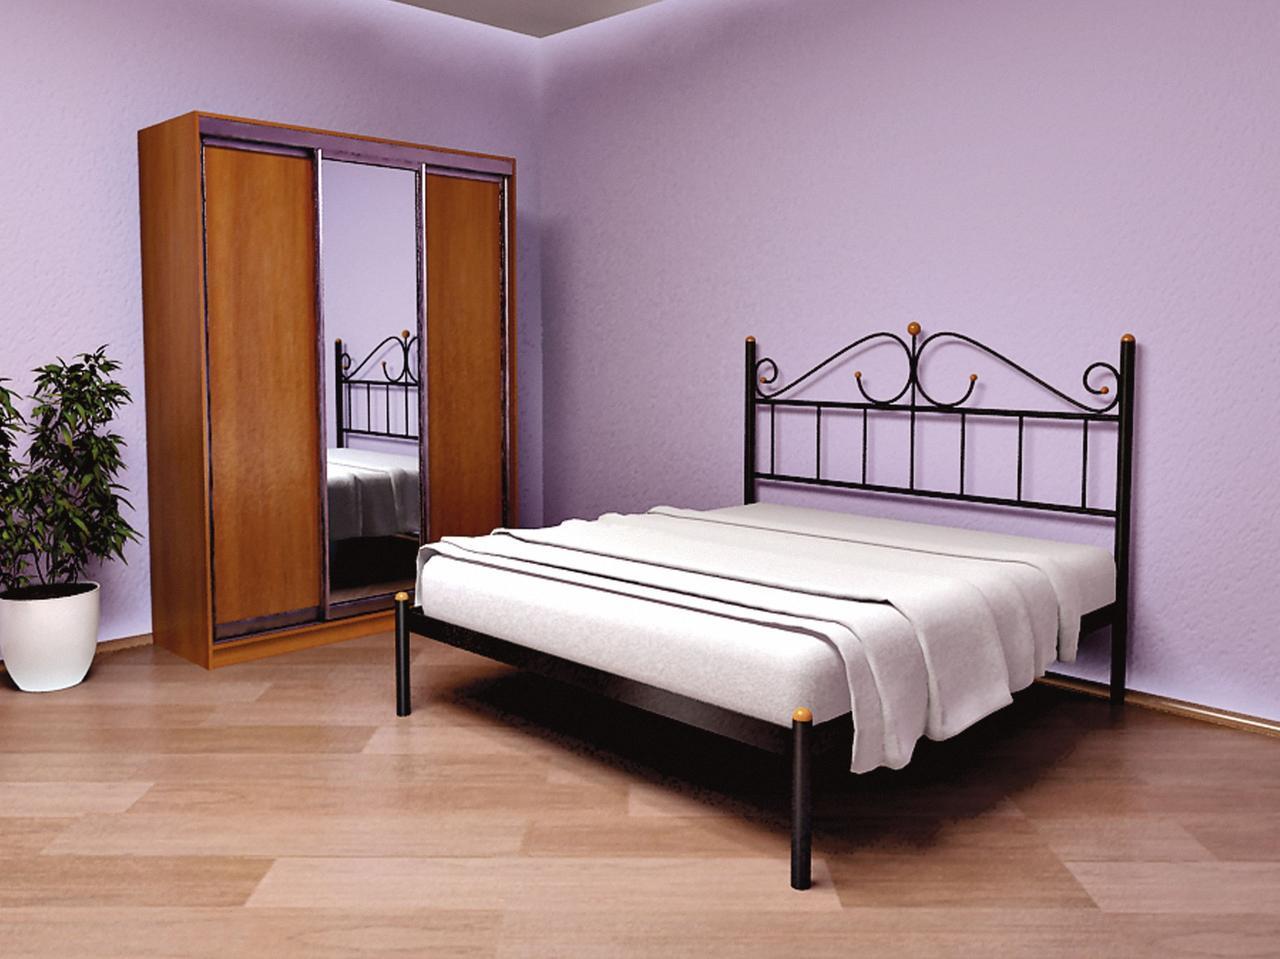 Кровать Метакам Rosana-1 (Розана-1). Металлическая кровать. Метакам